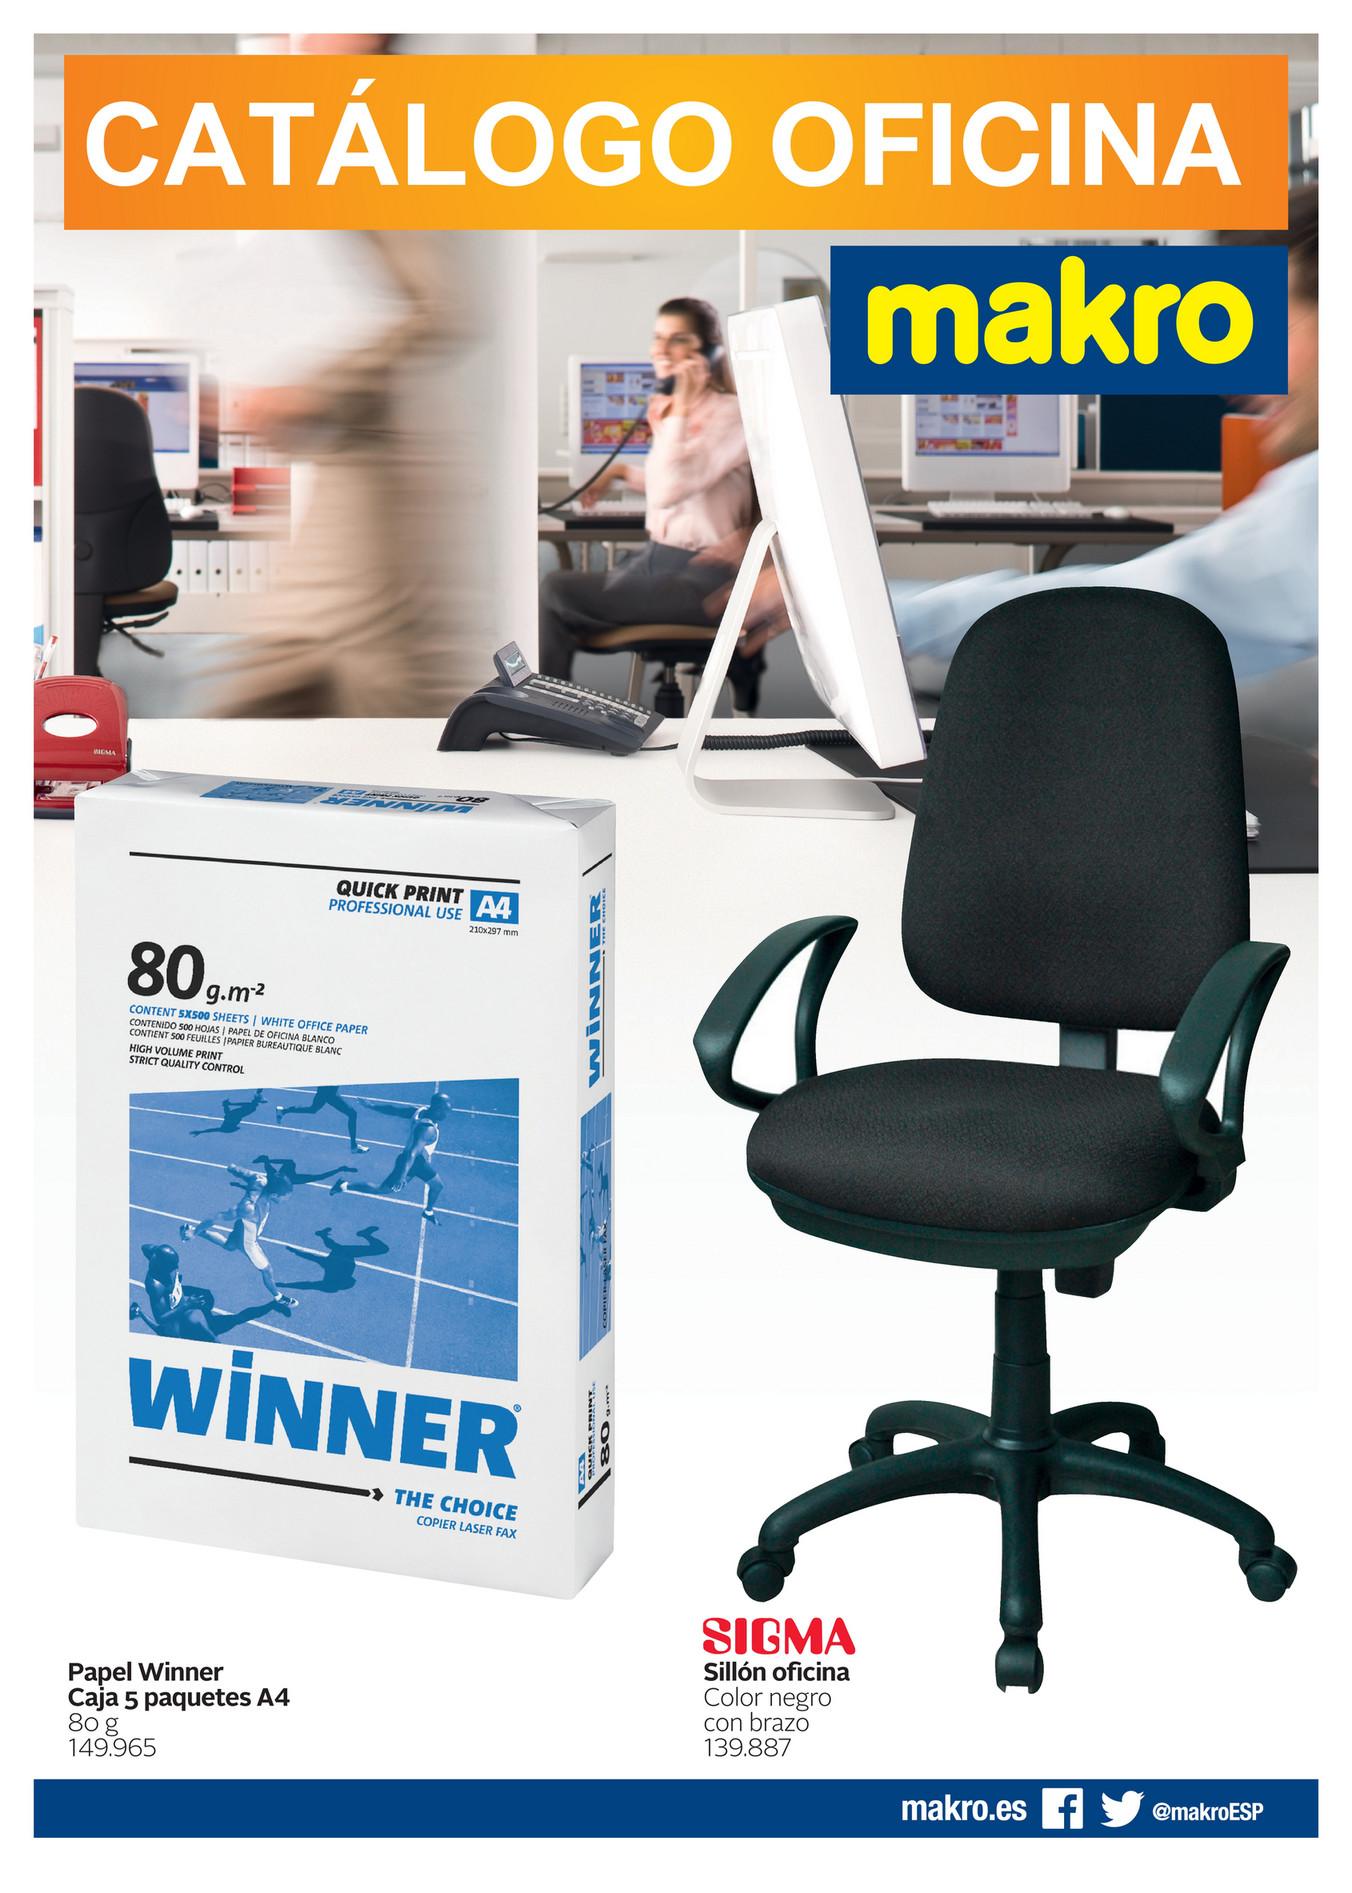 Makro espa a ofertas cat logo oficina p gina 12 13 for Oficinas makro madrid